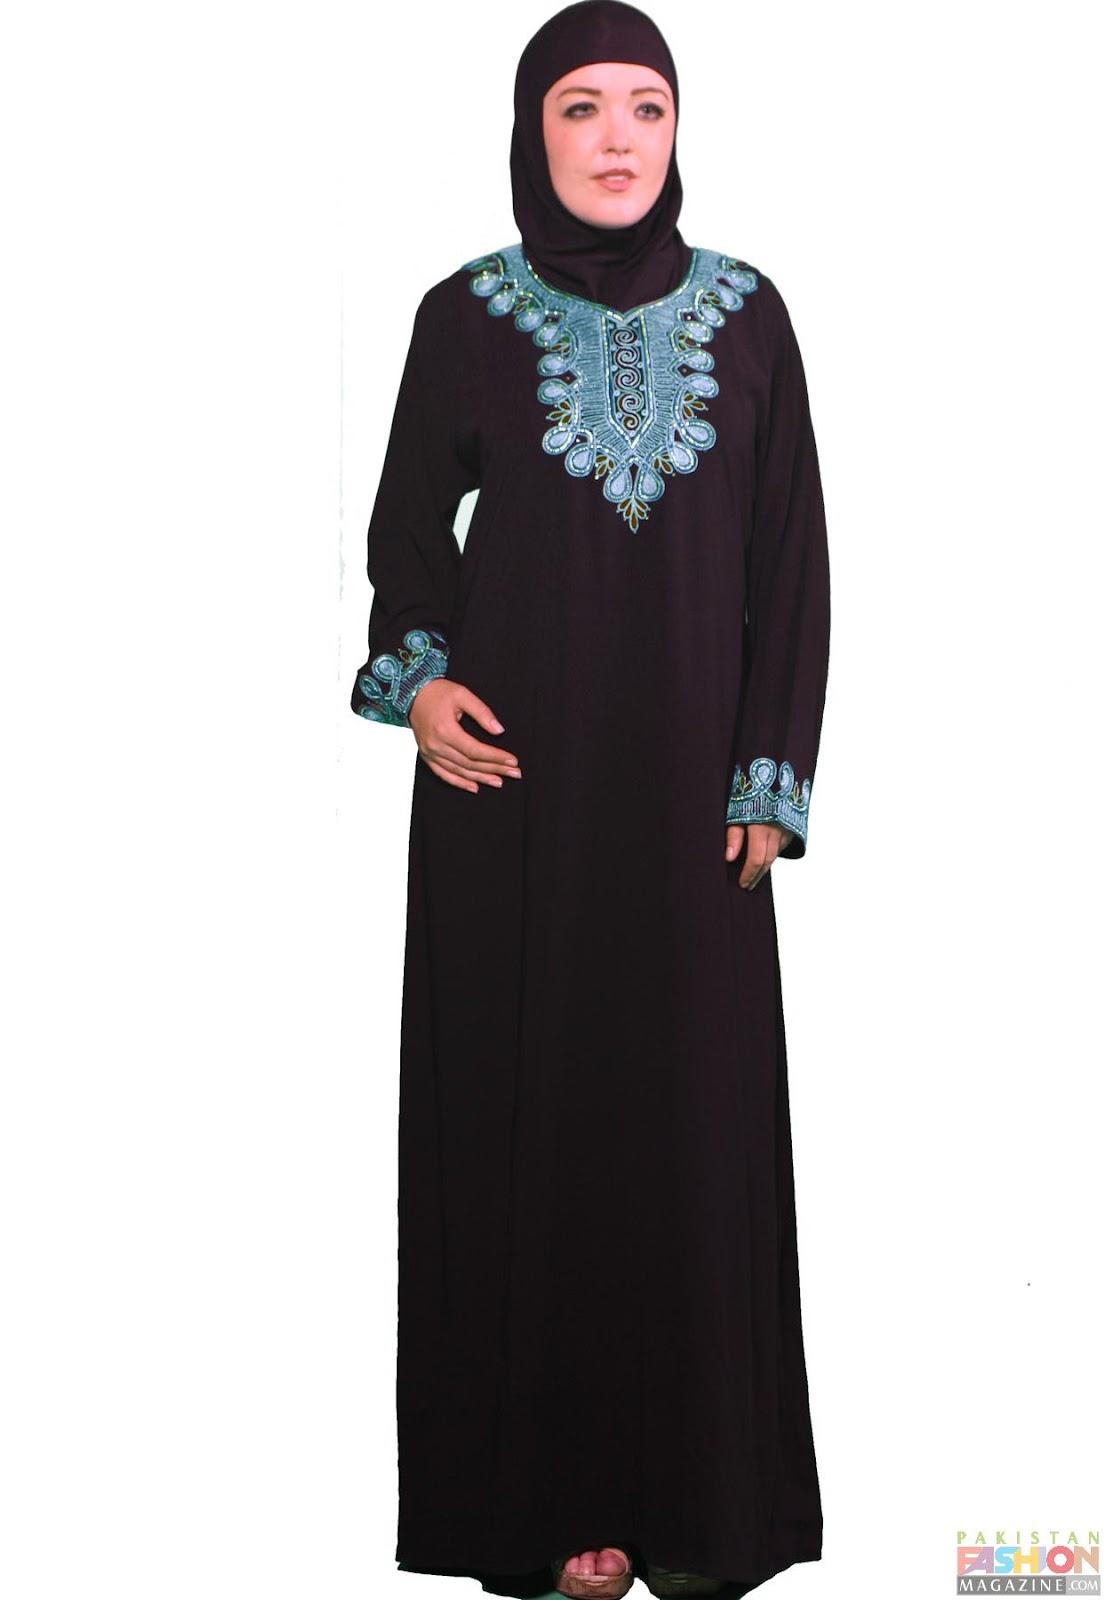 Elegant AbayaFashionMuslimWomanDressDesignIslamicGirlsClothing